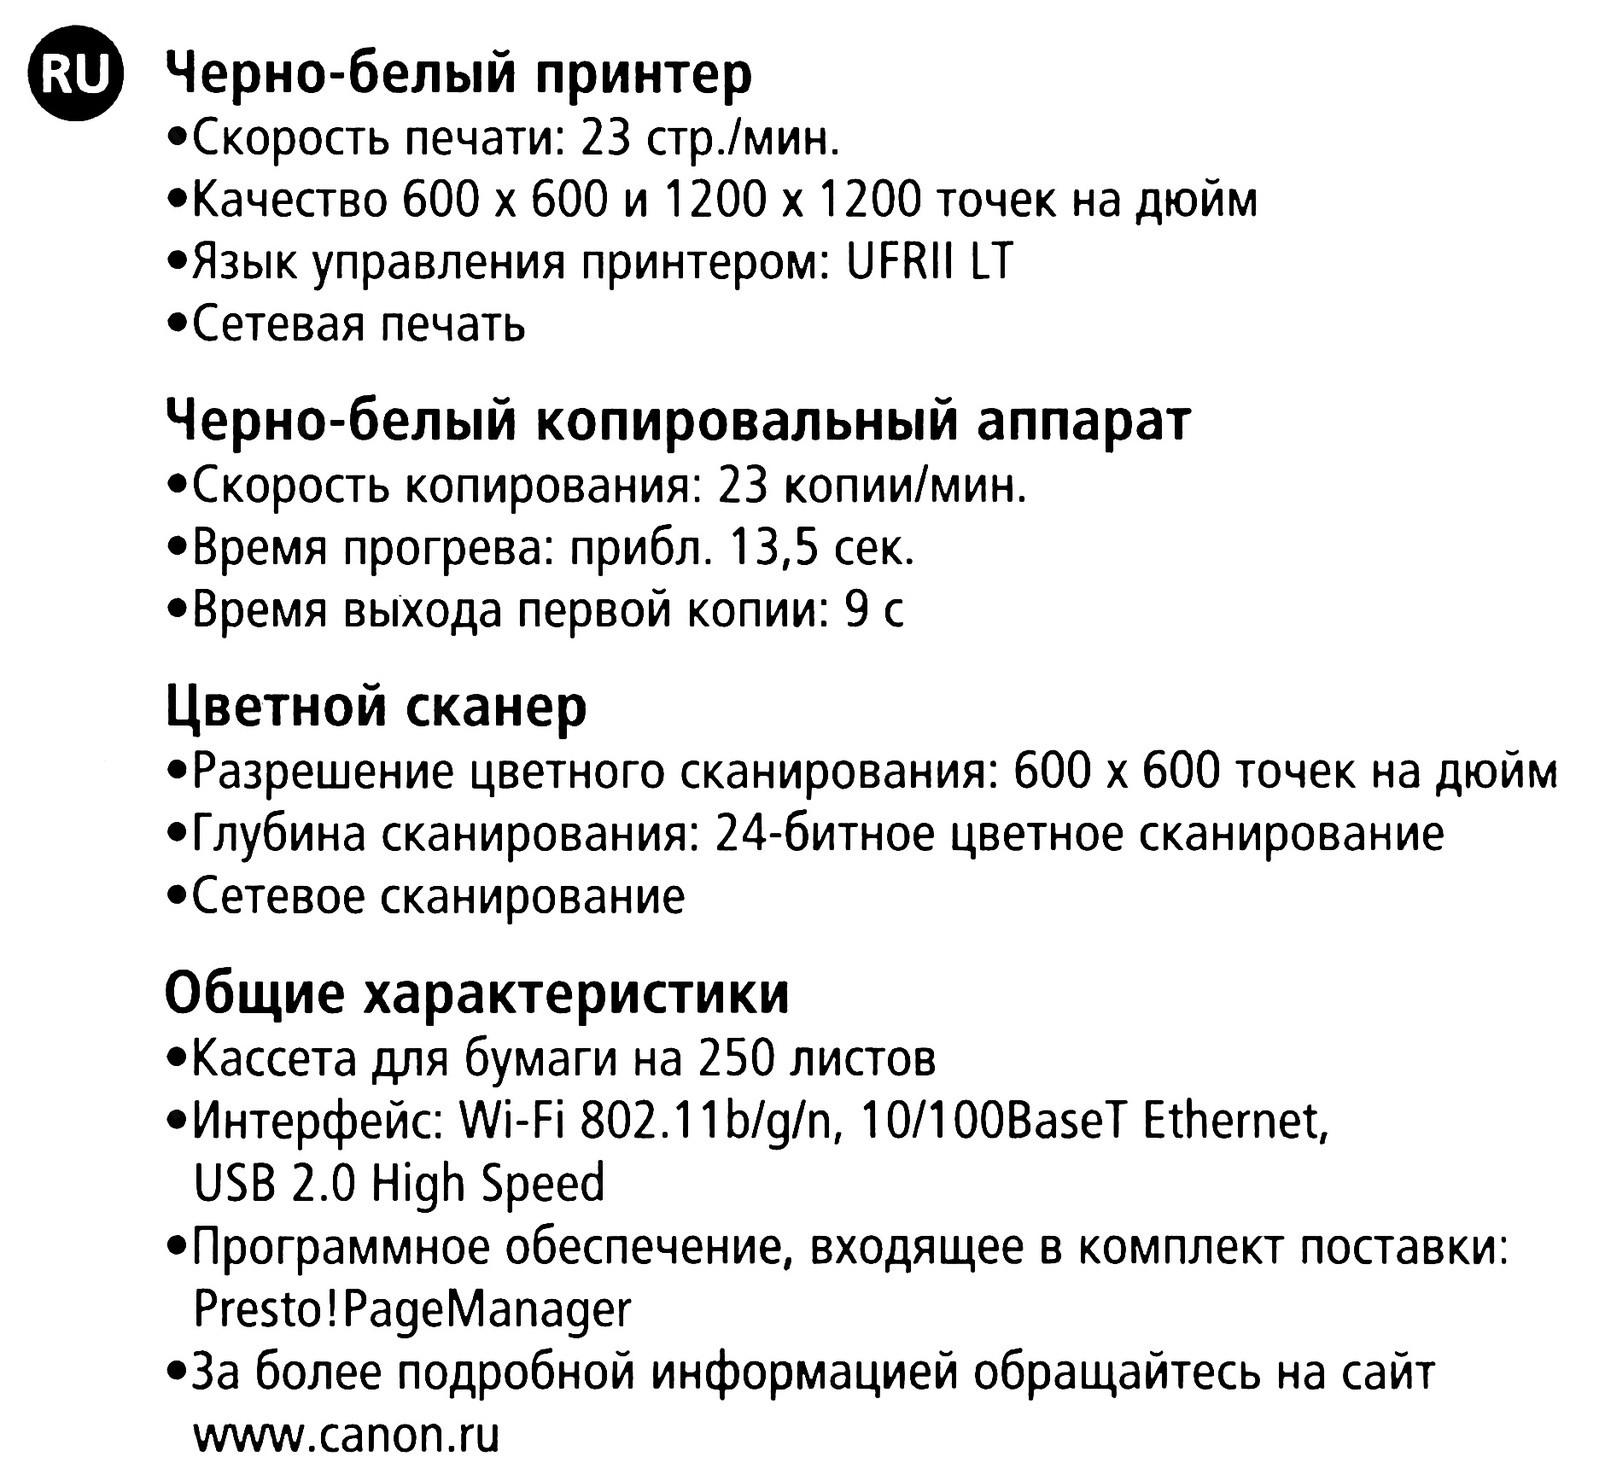 Скорость Недорого Подольск Лирика  bot telegram Йошкар-Ола